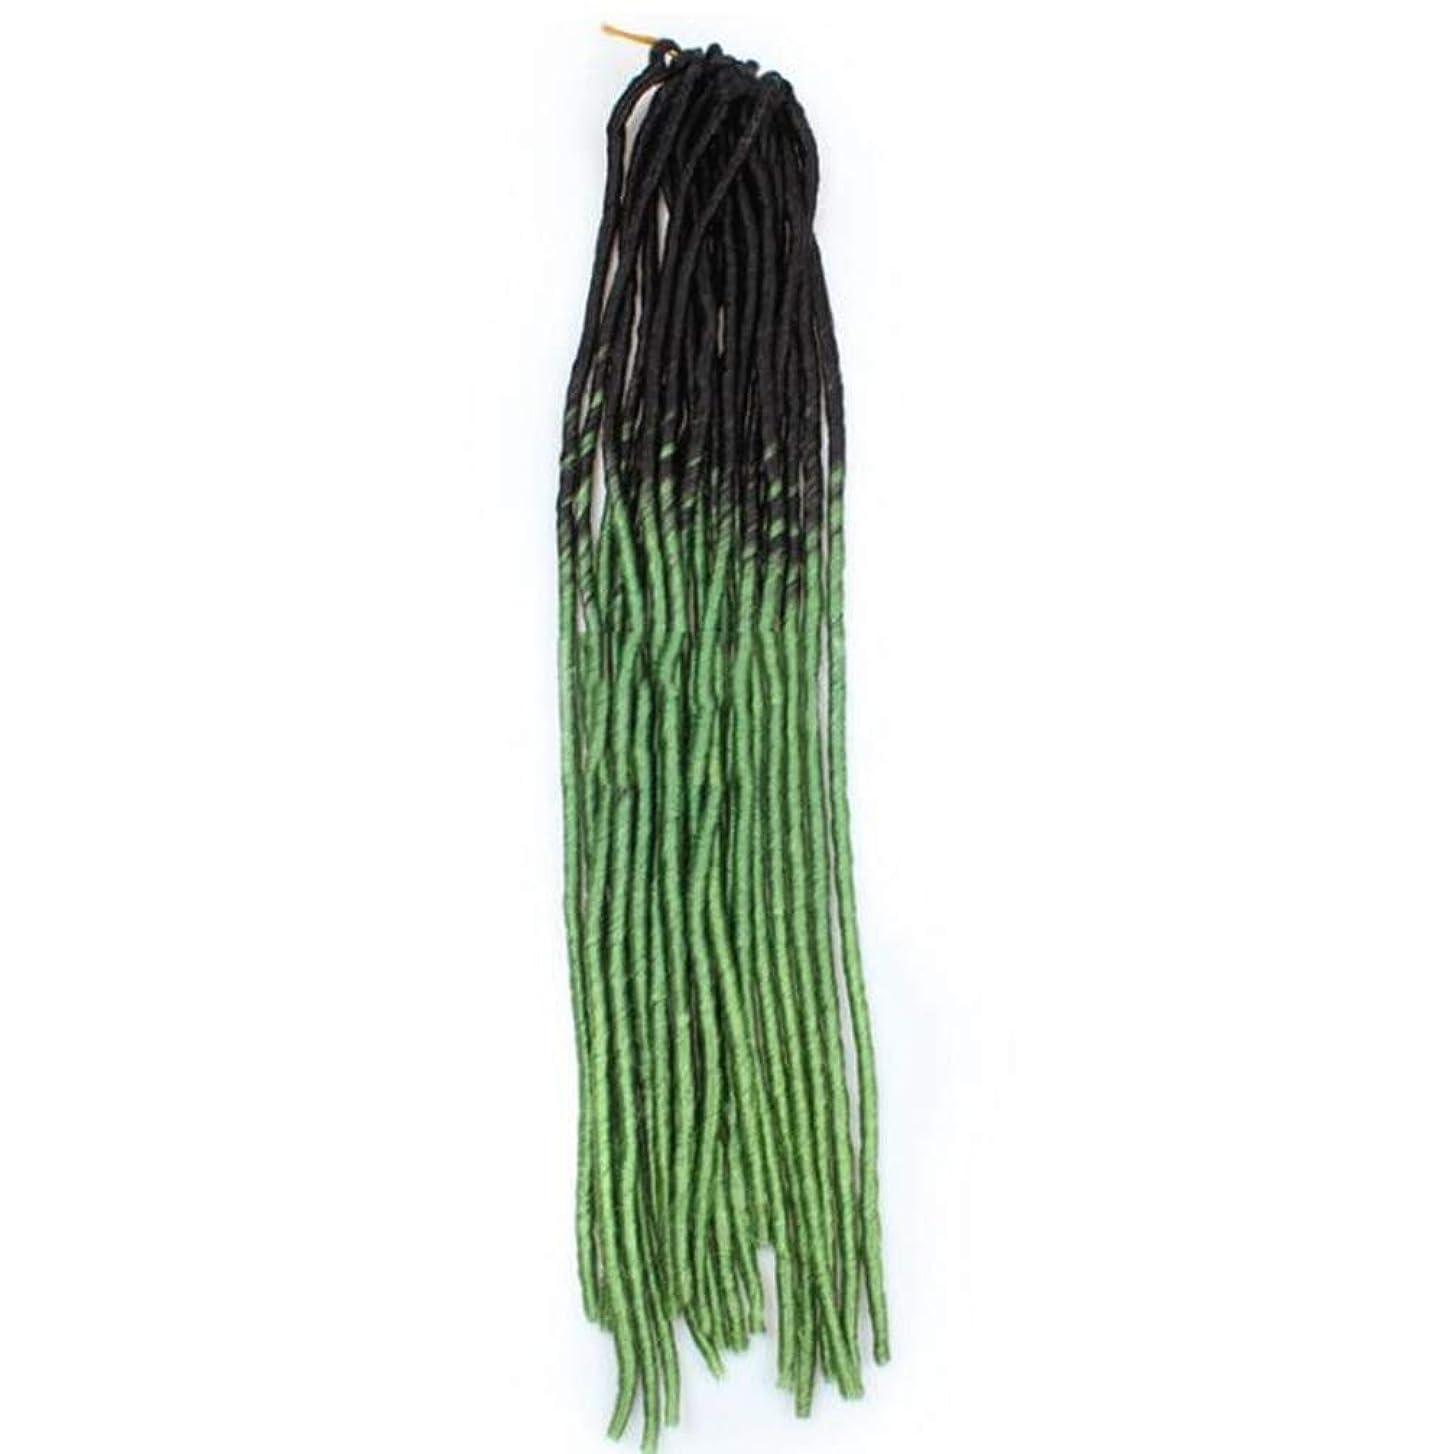 バウンスエアコン間違いなくコスプレハロウィーンクリスマスパーティーのための女性の自然な高品質カーリーレディース本物の髪のかつら